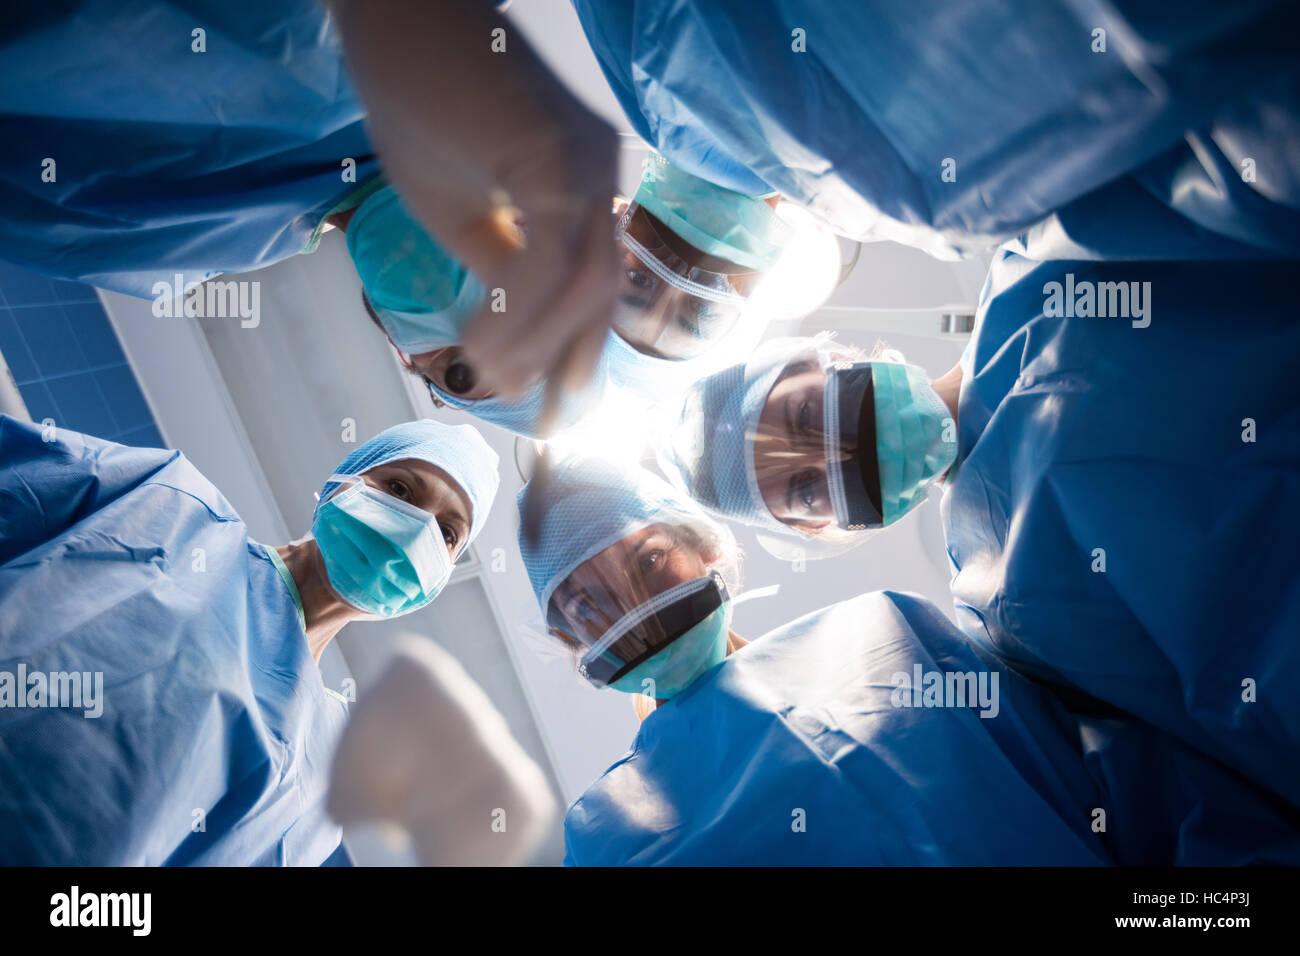 Grupo de cirujanos mirando a la cámara en la sala de operación Imagen De Stock